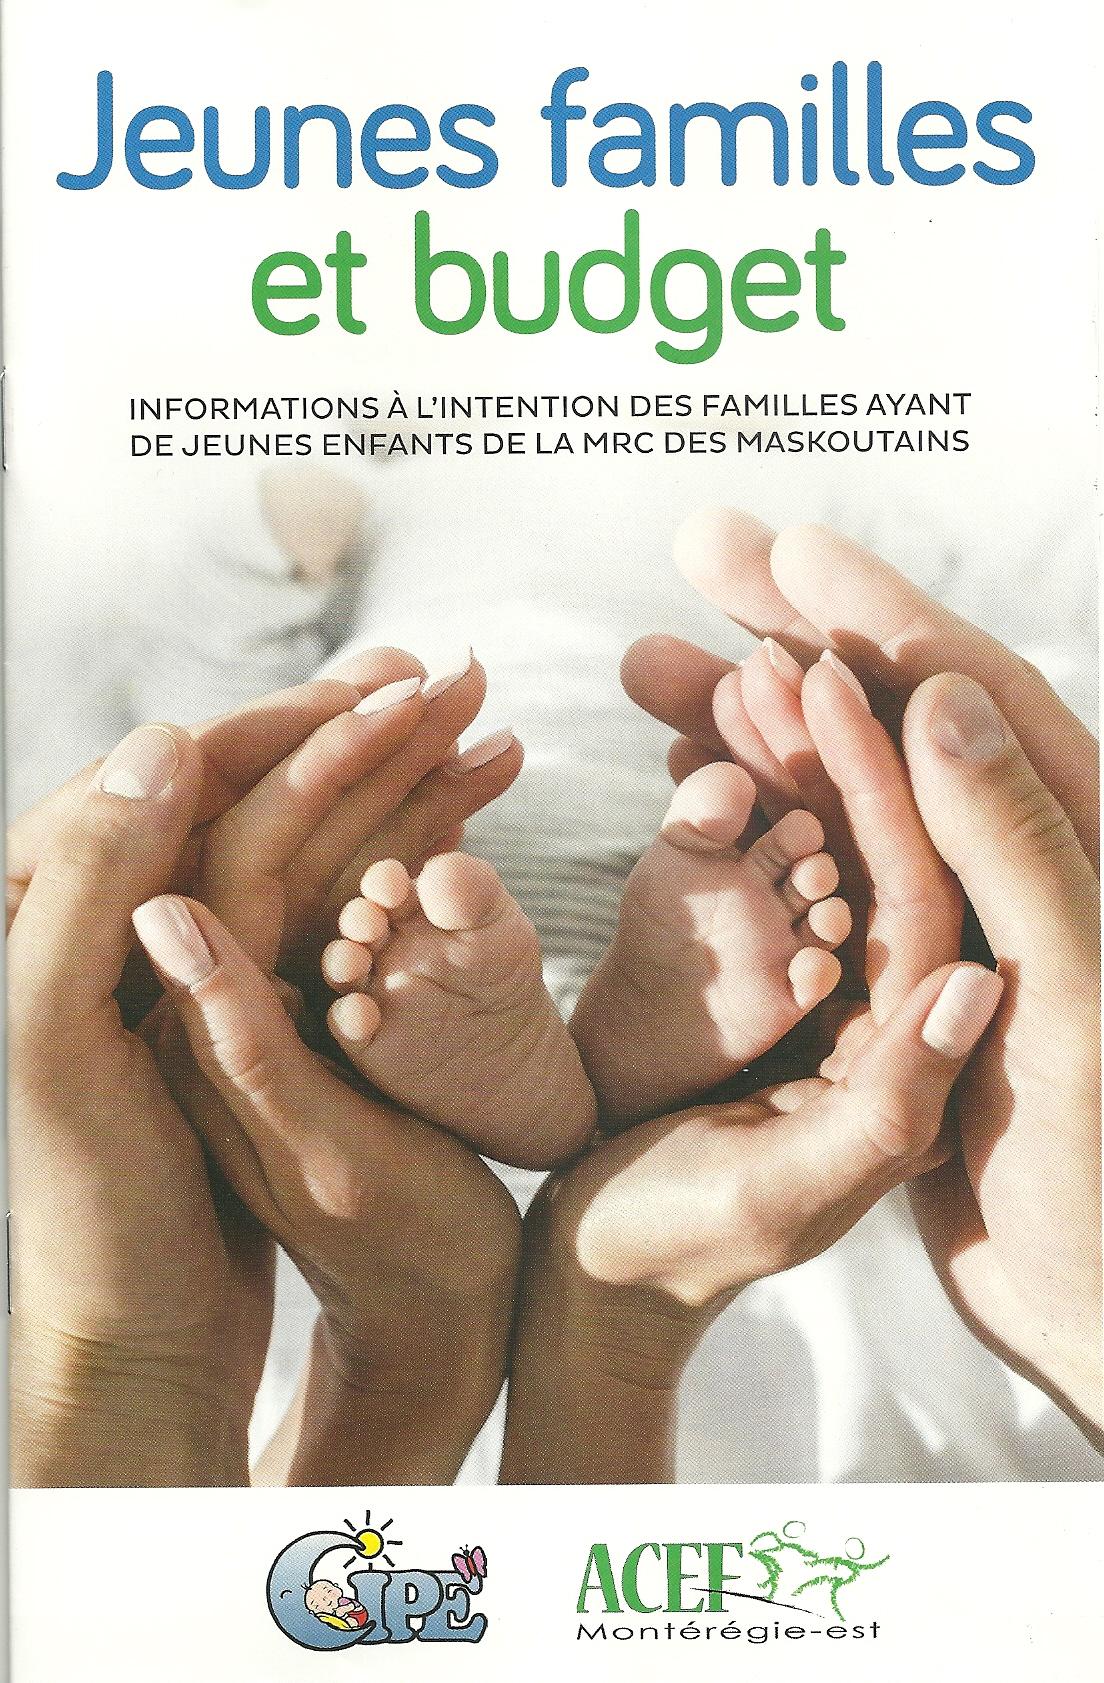 Jeunes familles et budget Page 1